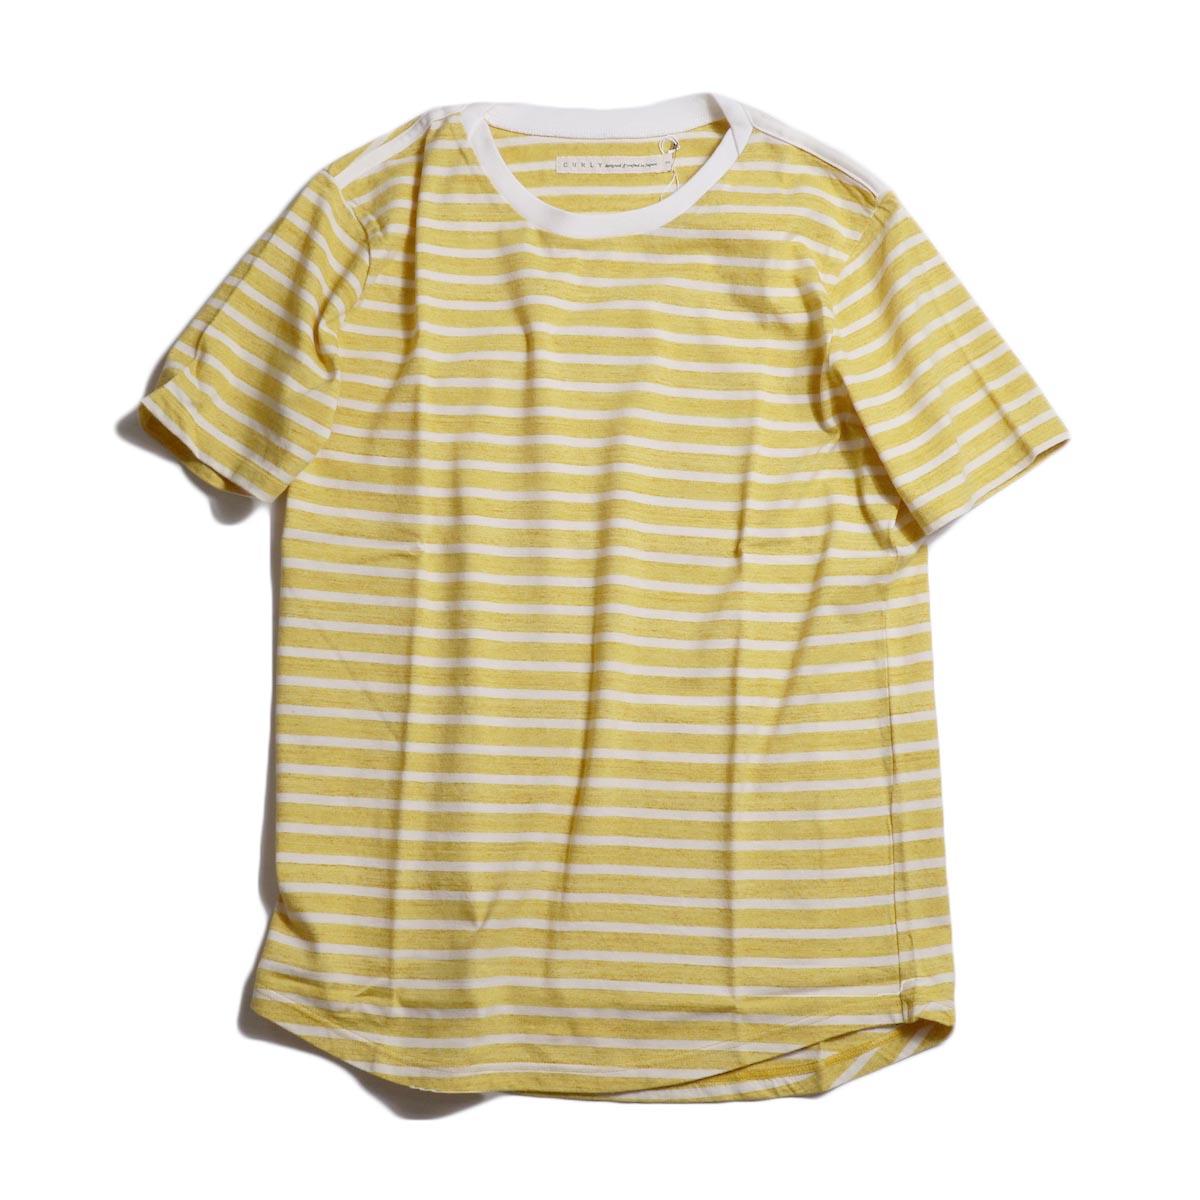 CURLY / BRUSH BORDER SS TEE -Yellow/White